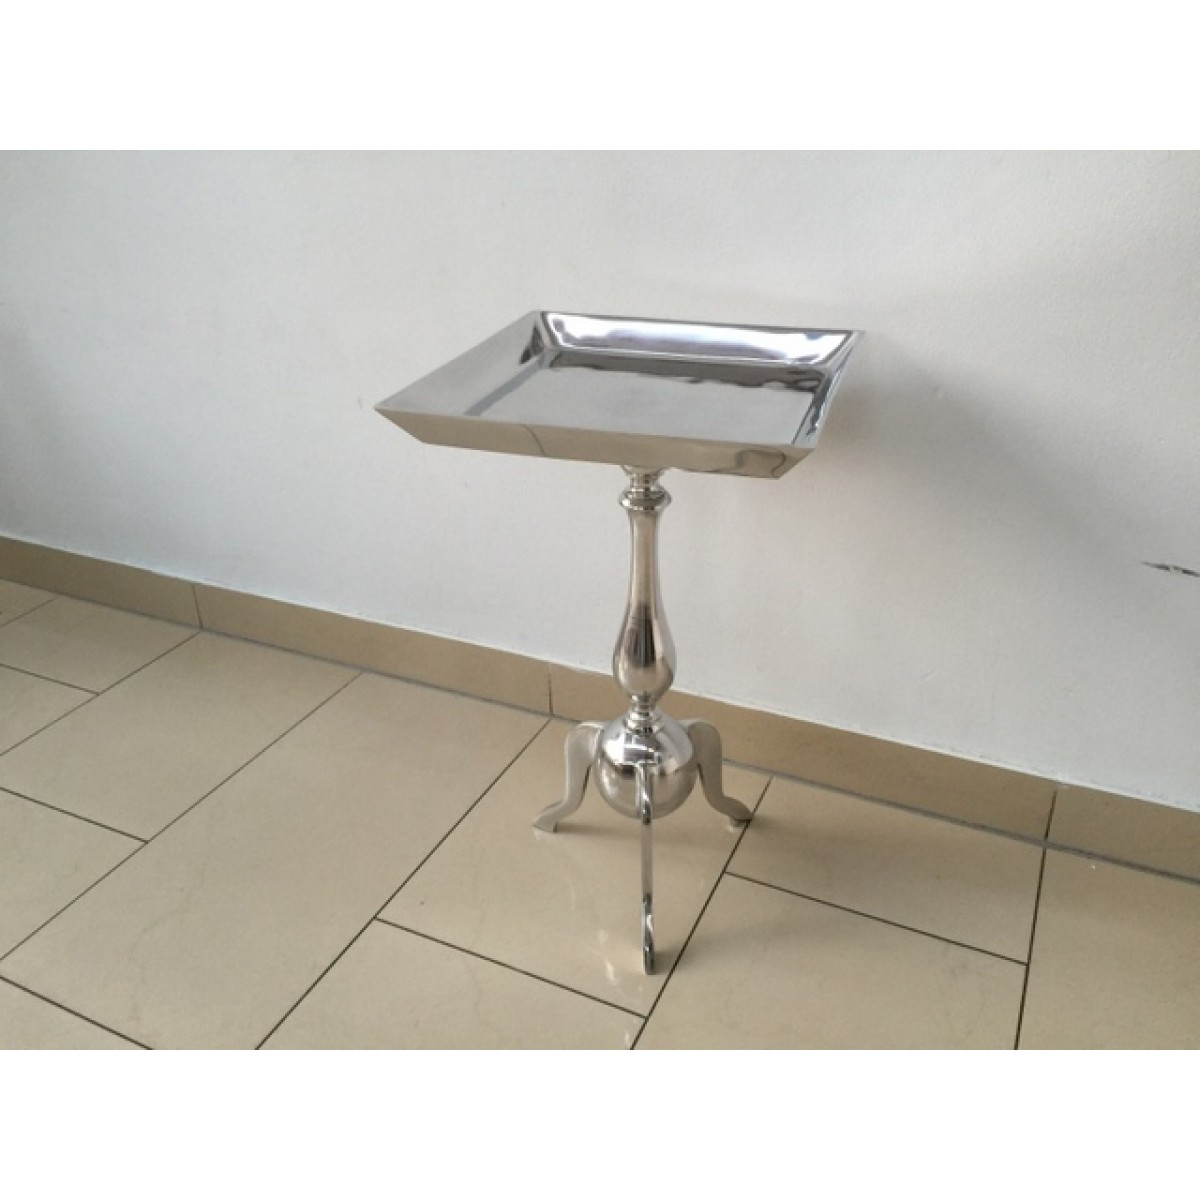 Beistelltisch quadratisch silber metall barock for Beistelltisch quadratisch metall